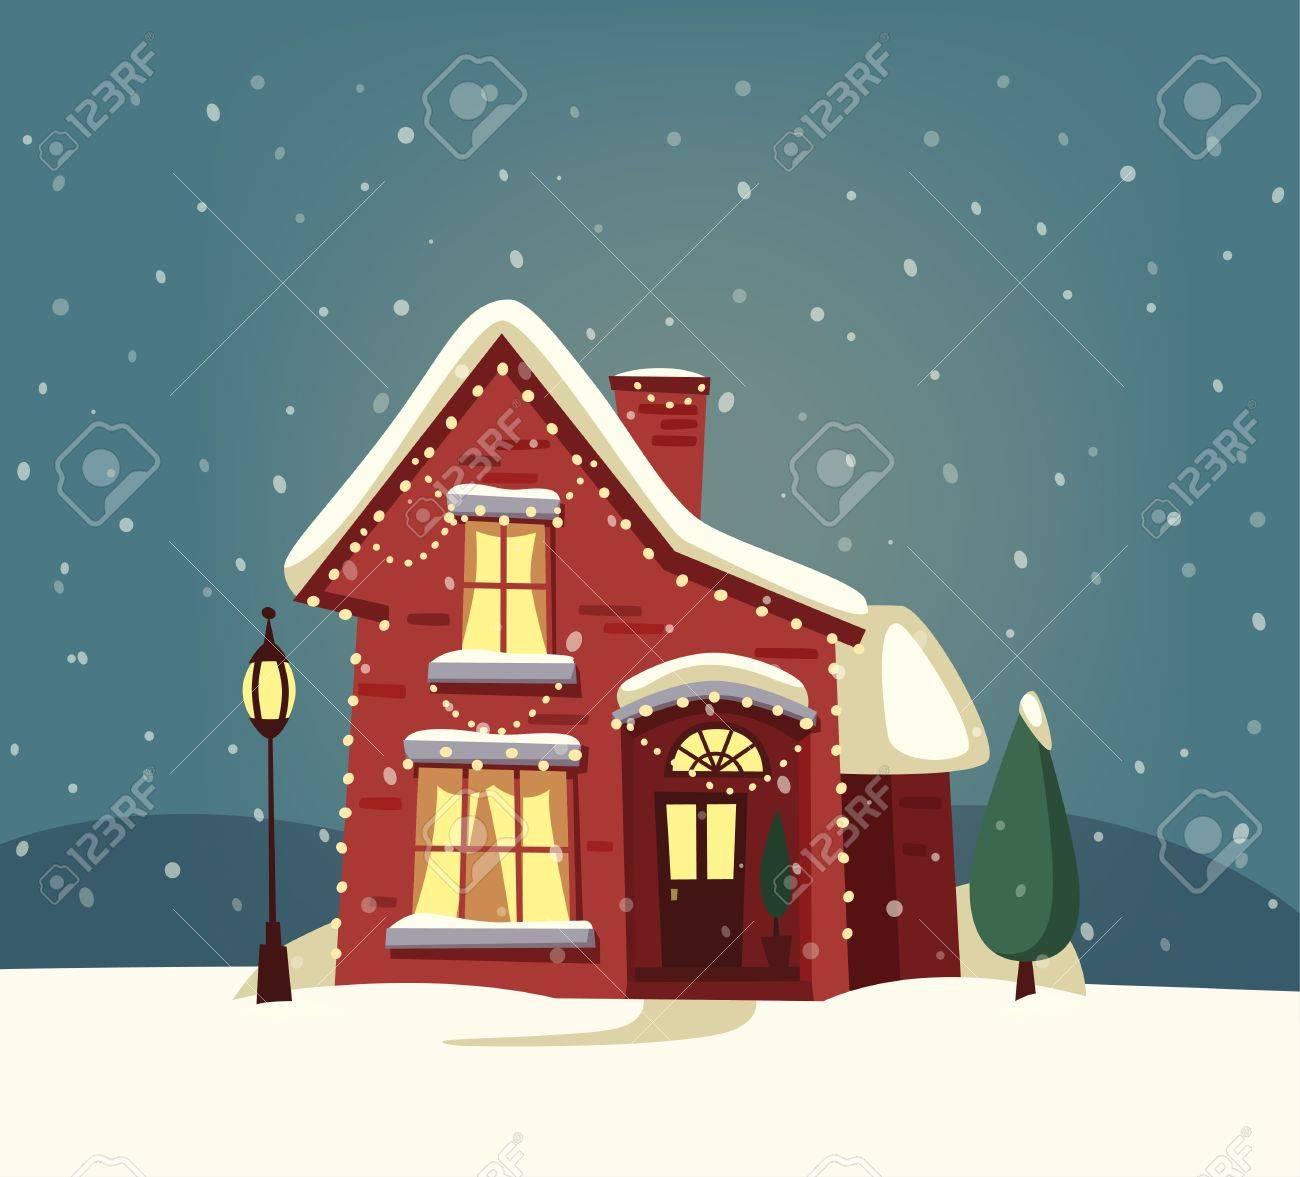 Christmas House.Merry Christmas House Cartoon Vector Illustration Happy New